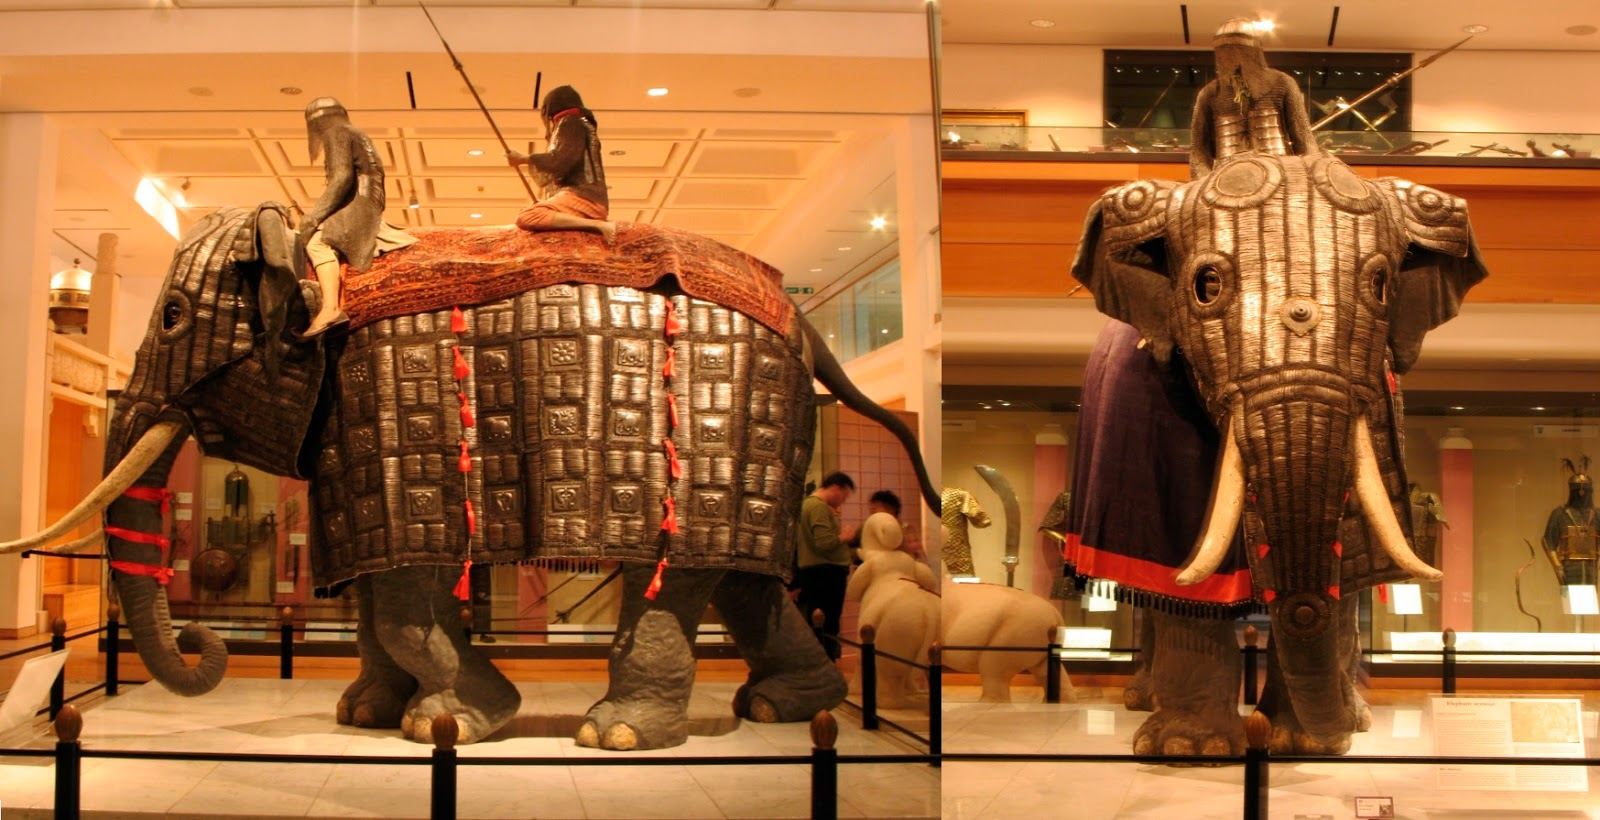 War elephant, War art, War artwork